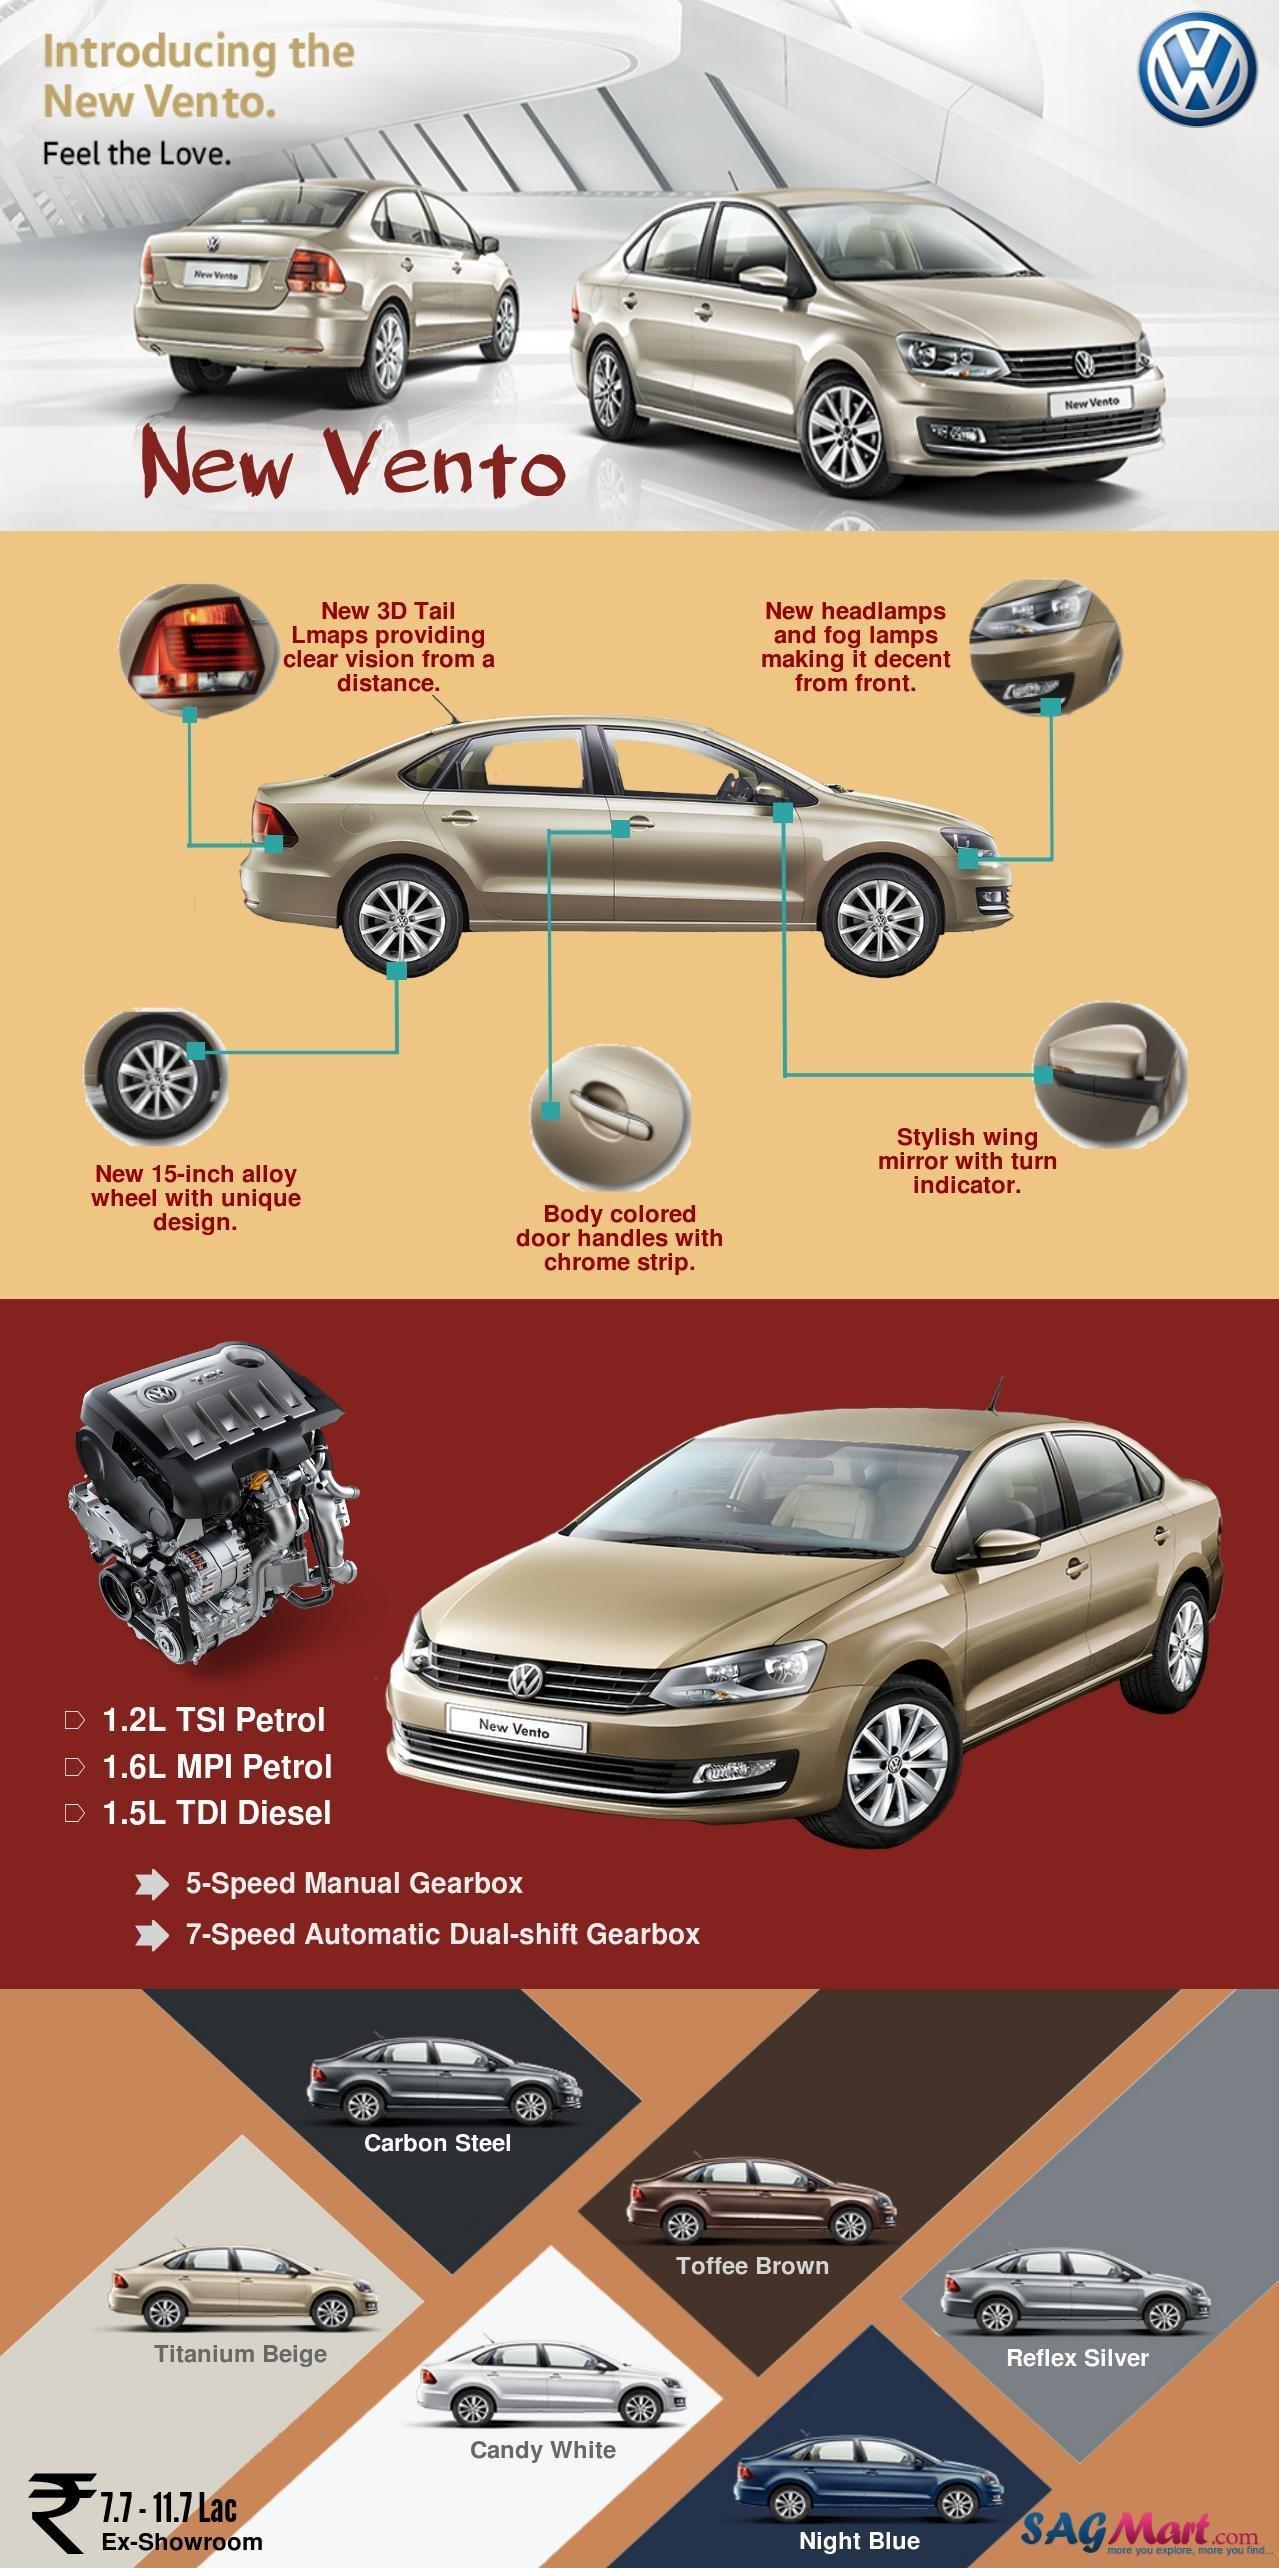 Volkswagen Vento Facelift 2015 Infopgraphic